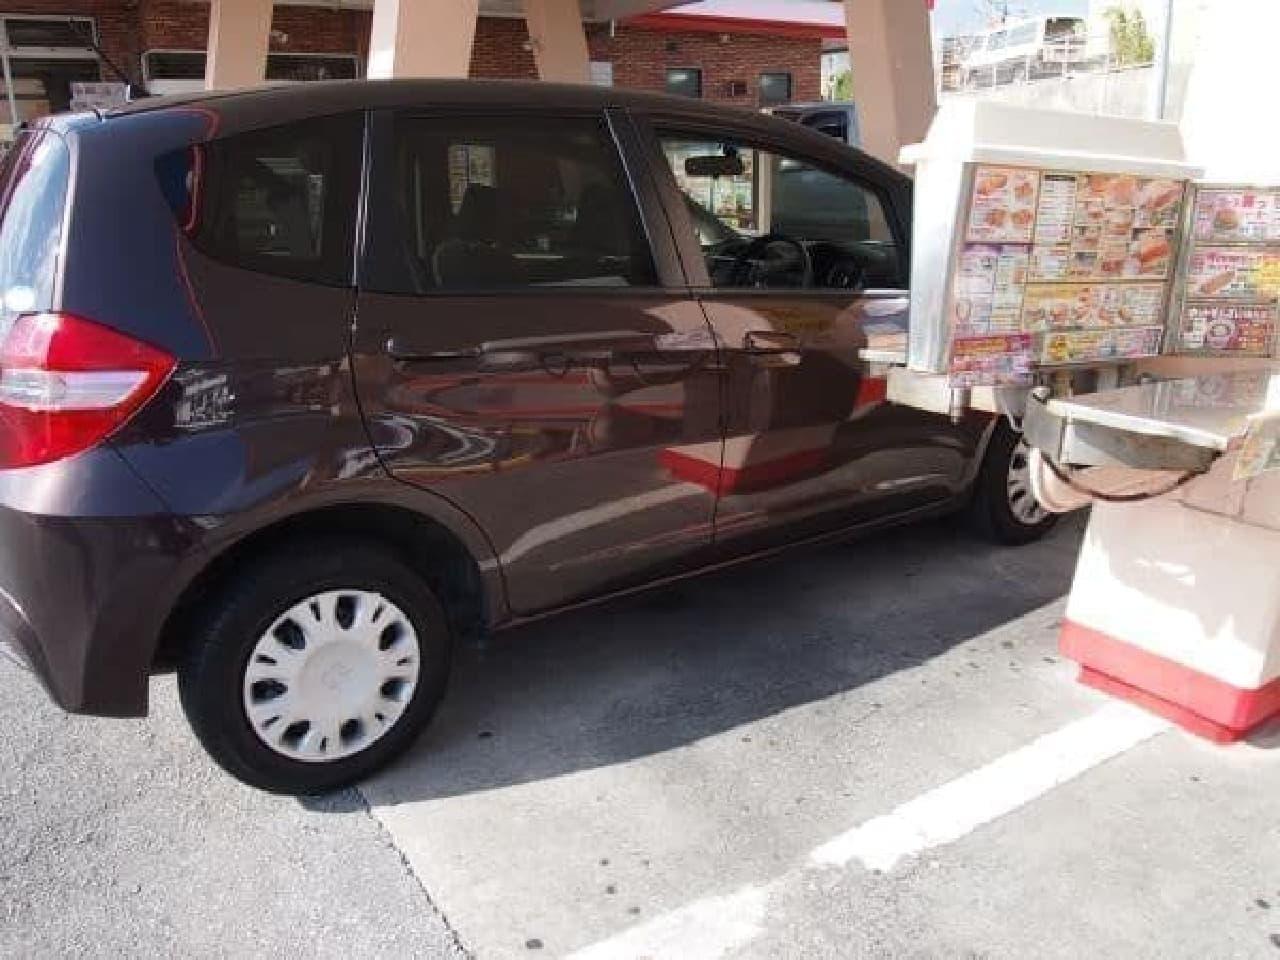 車窓の位置に合わせて駐車してね!